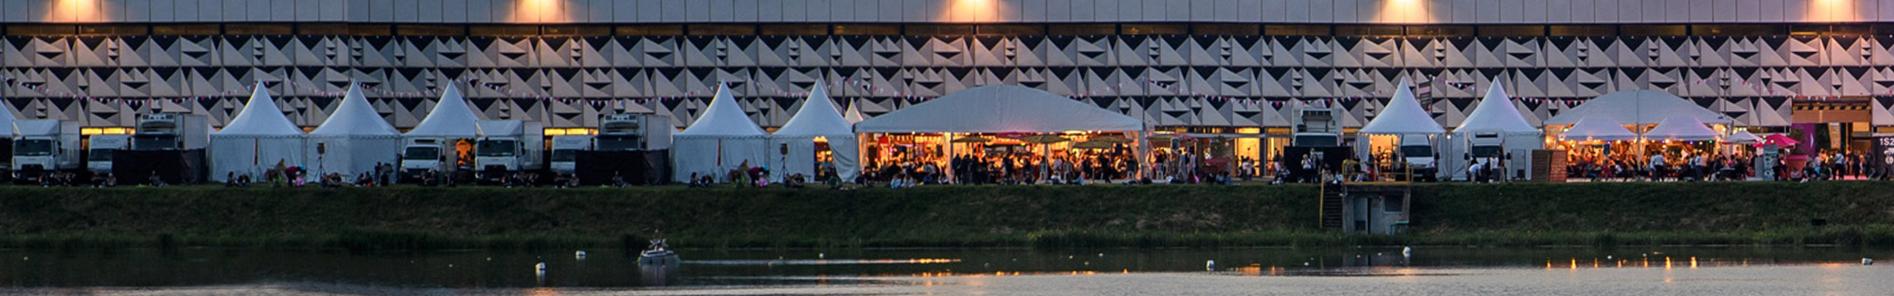 Foire Internationale de Bordeaux   6 au 14 novembre